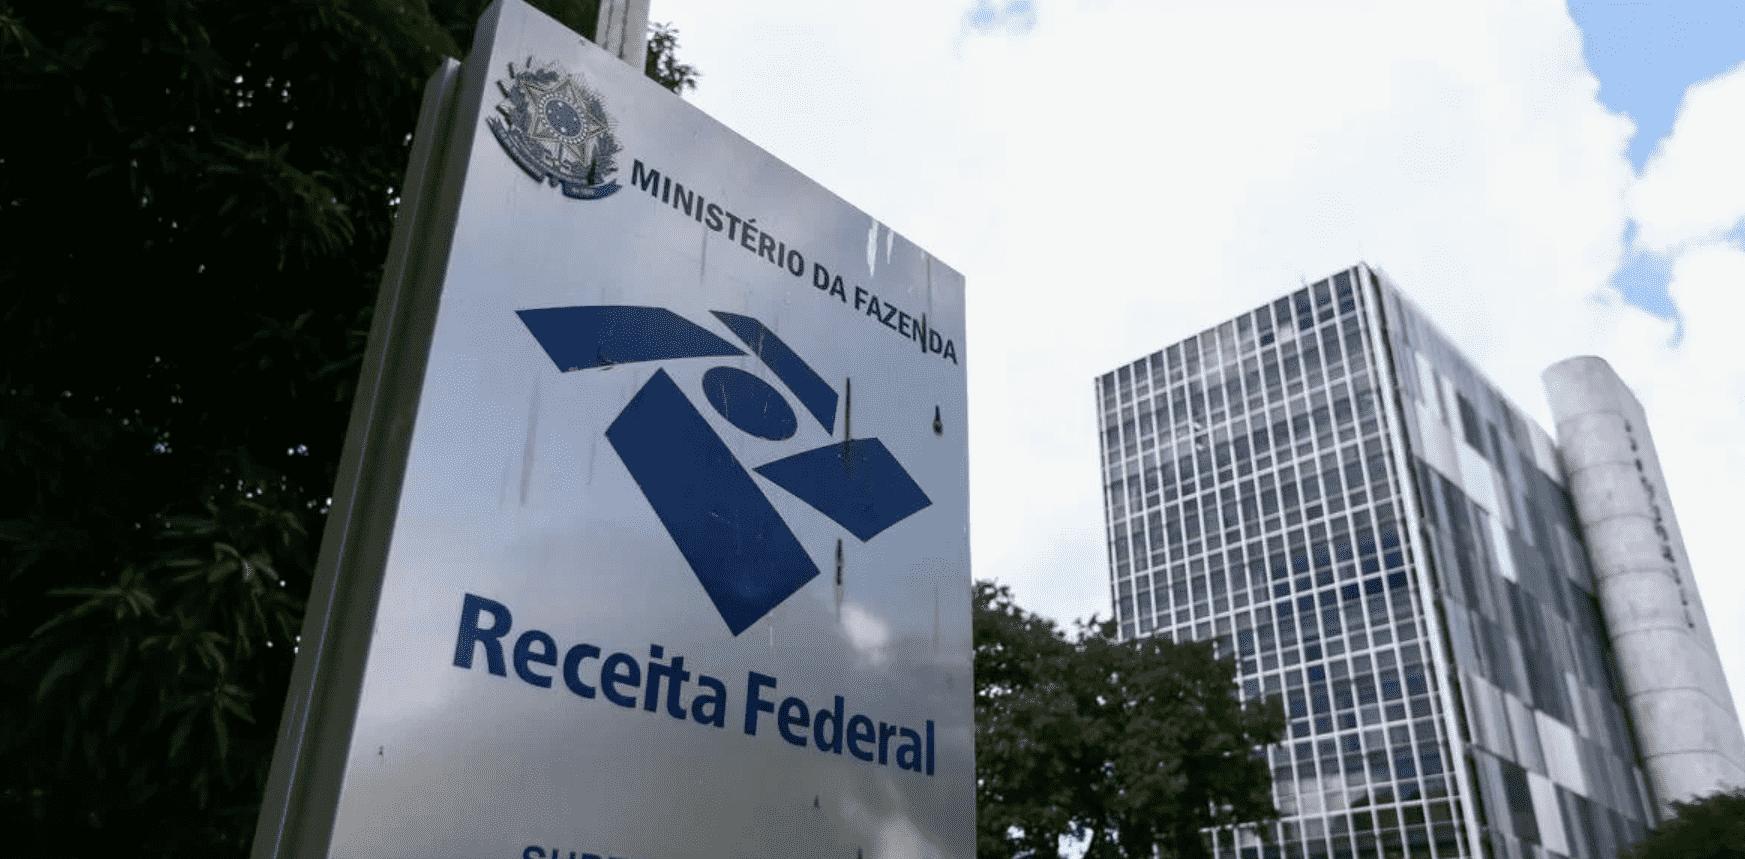 Placa da receita federal